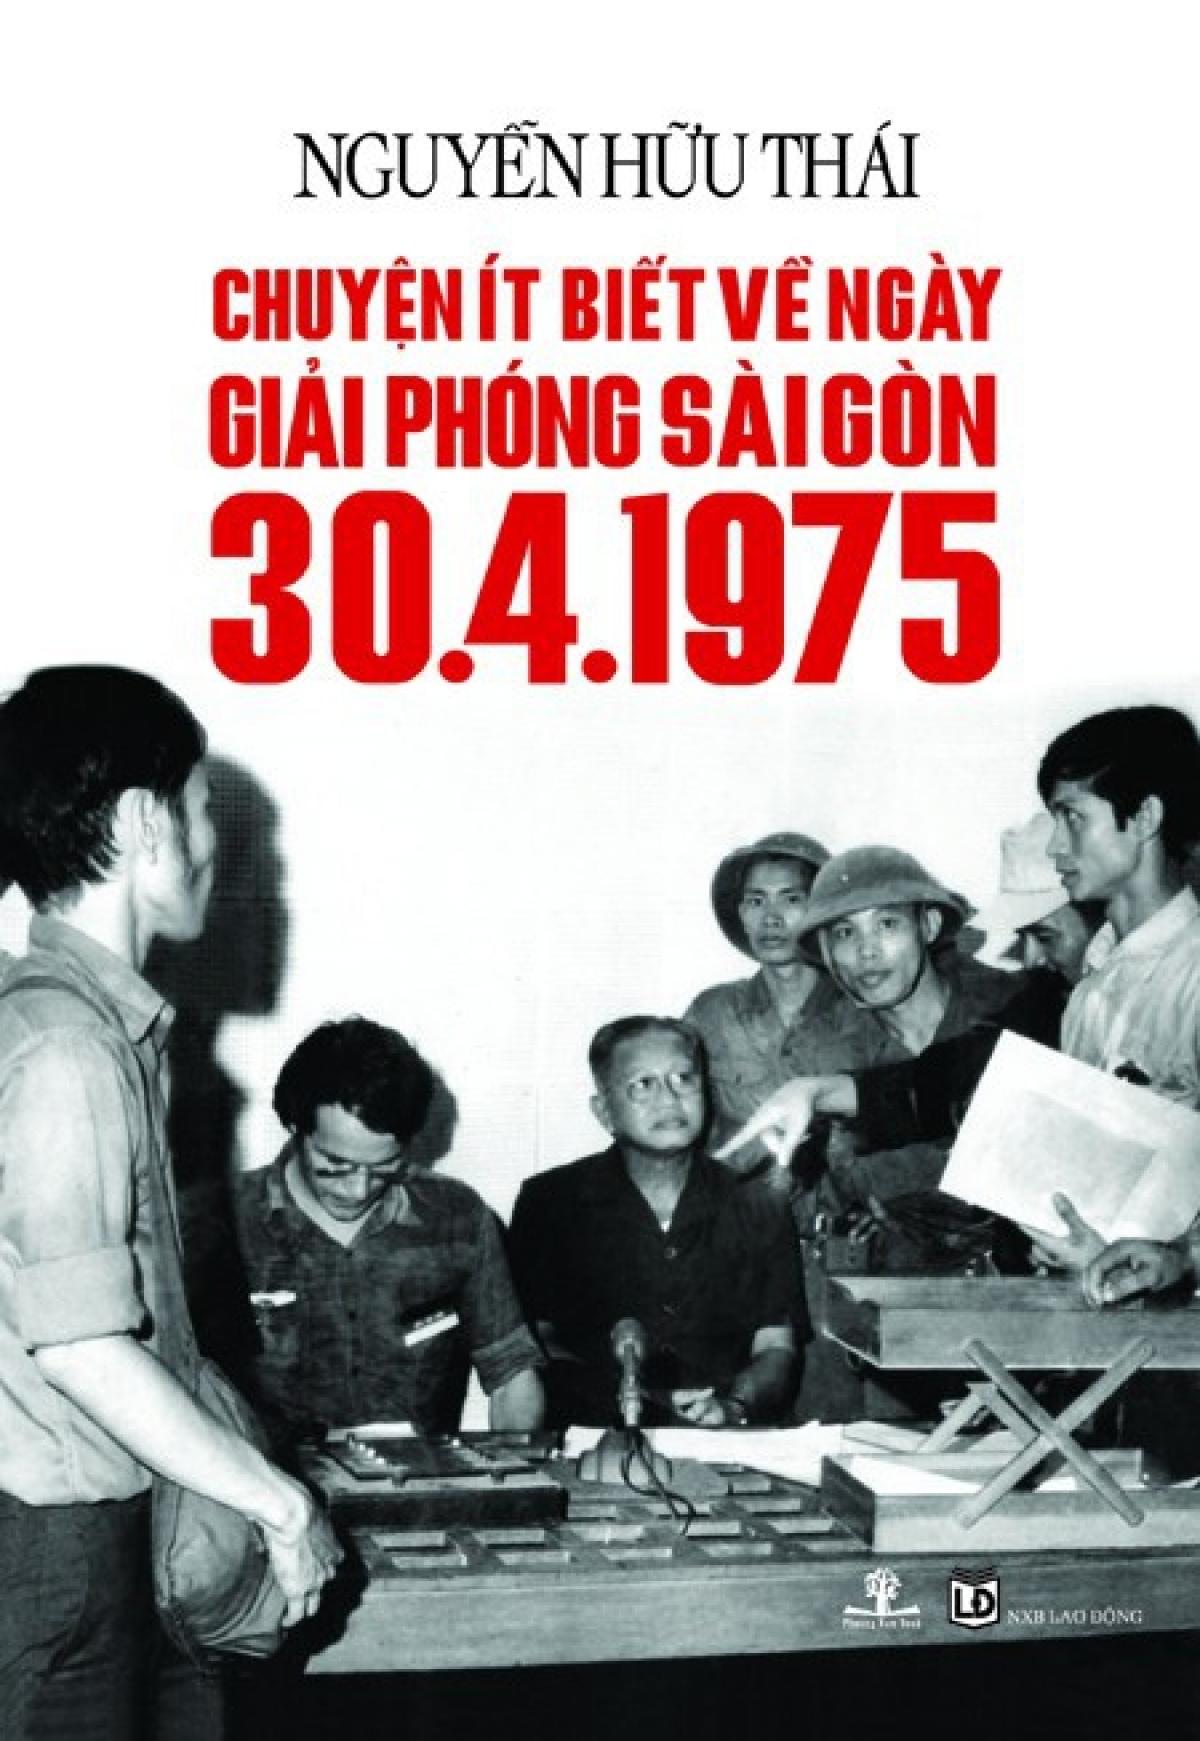 Chuyện ít biết về ngày giải phóng Sài Gòn30/4/1975.